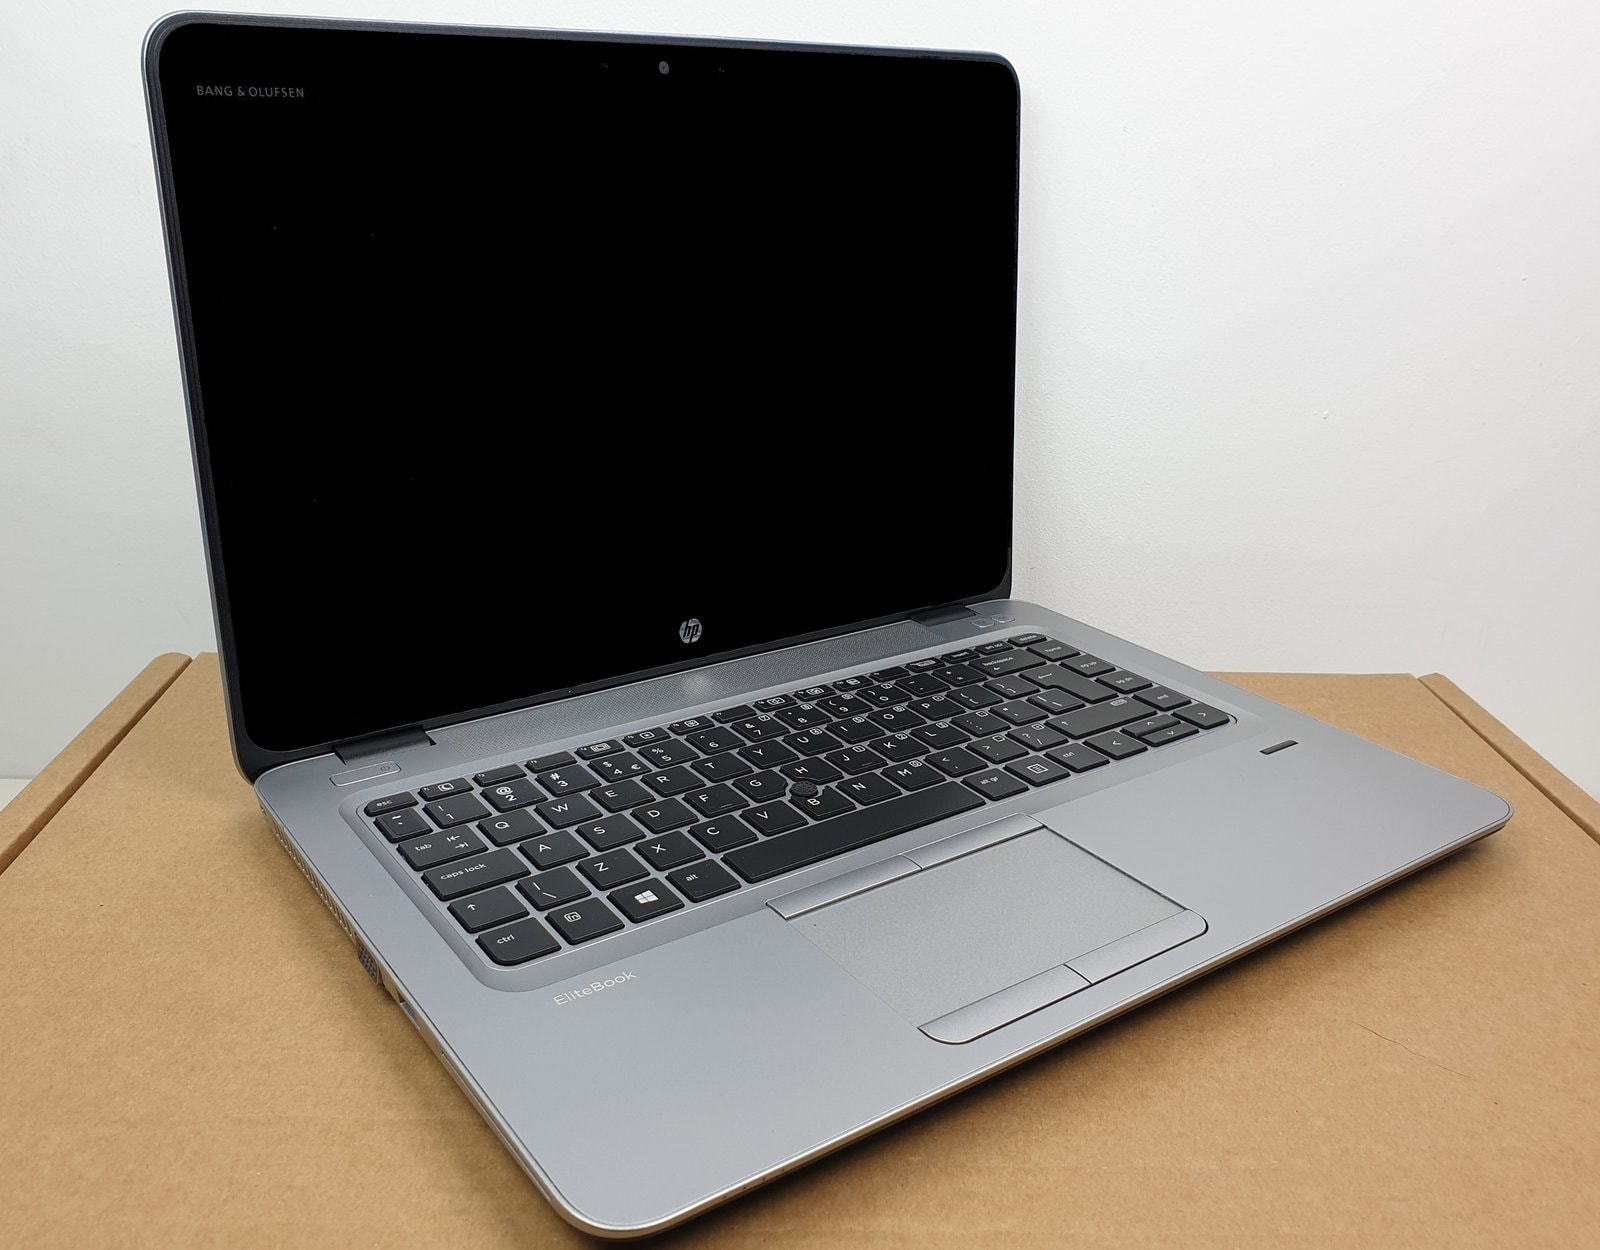 Laptop HP EliteBook 840 G3 i7 - 6 generacji / 8 GB / 480 GB SSD / 14 FullHD DOTYK / Klasa A- - 3